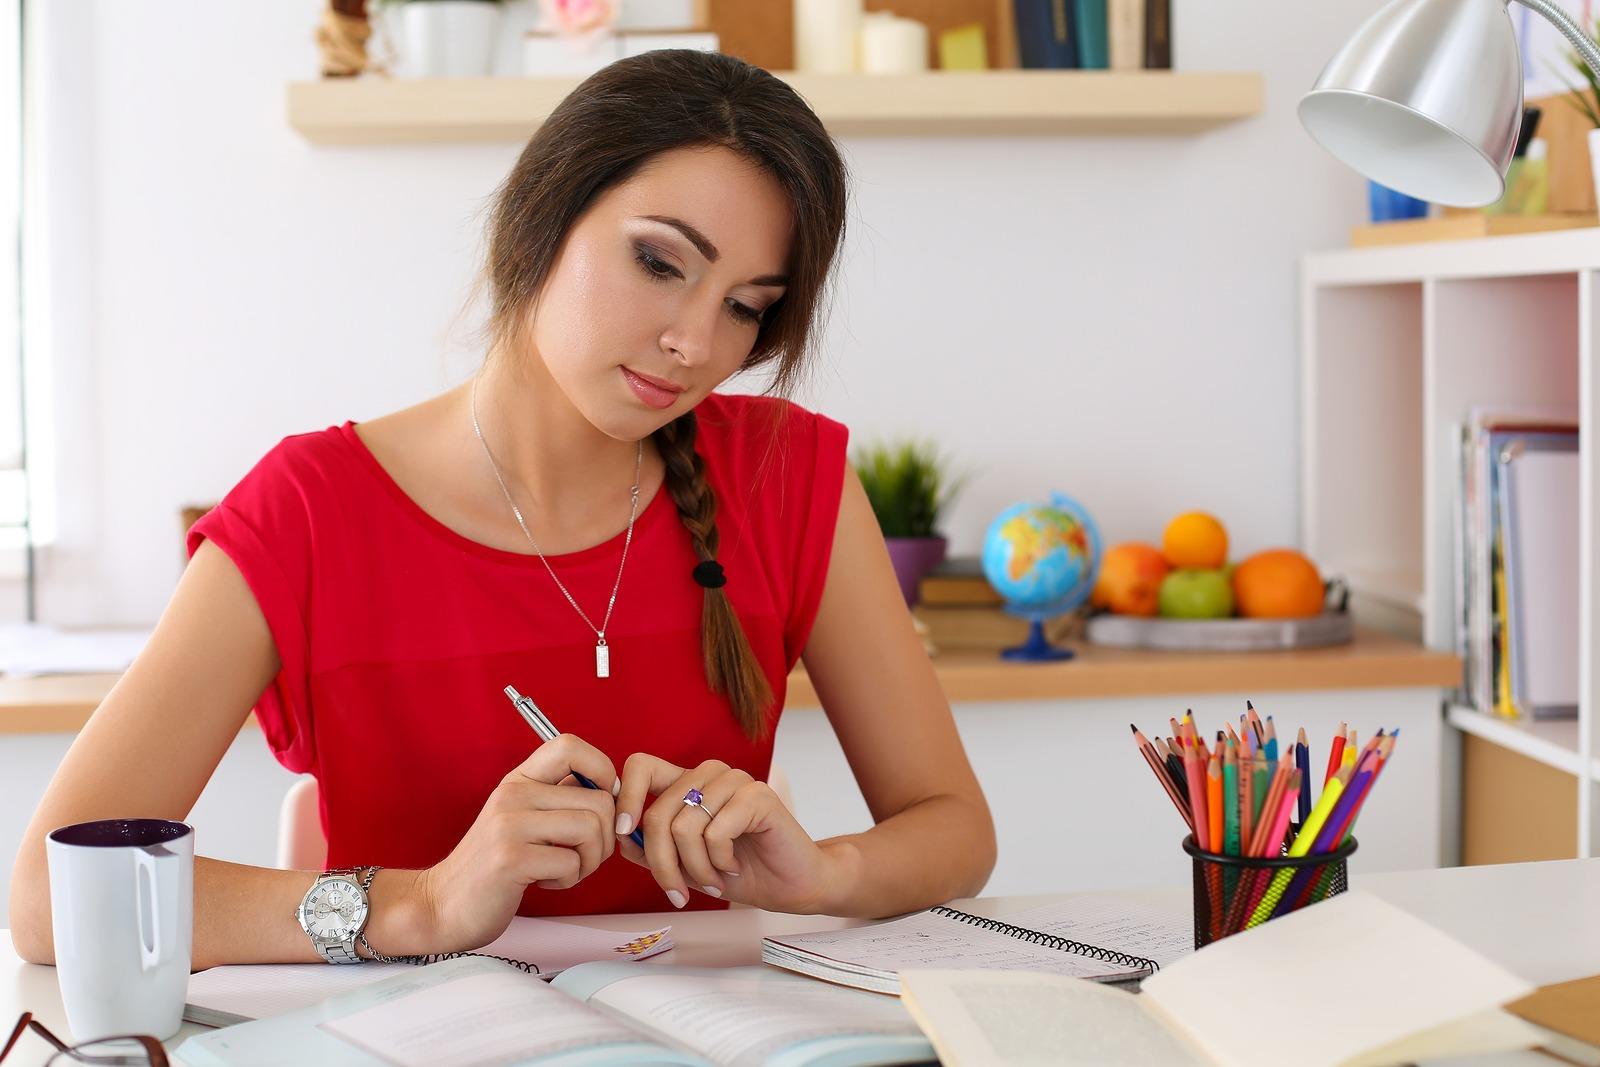 http://shbabbek.com/upload/لطلاب الثانوية.. أفضل طريقة للمراجعة حسب جدول الامتحانات